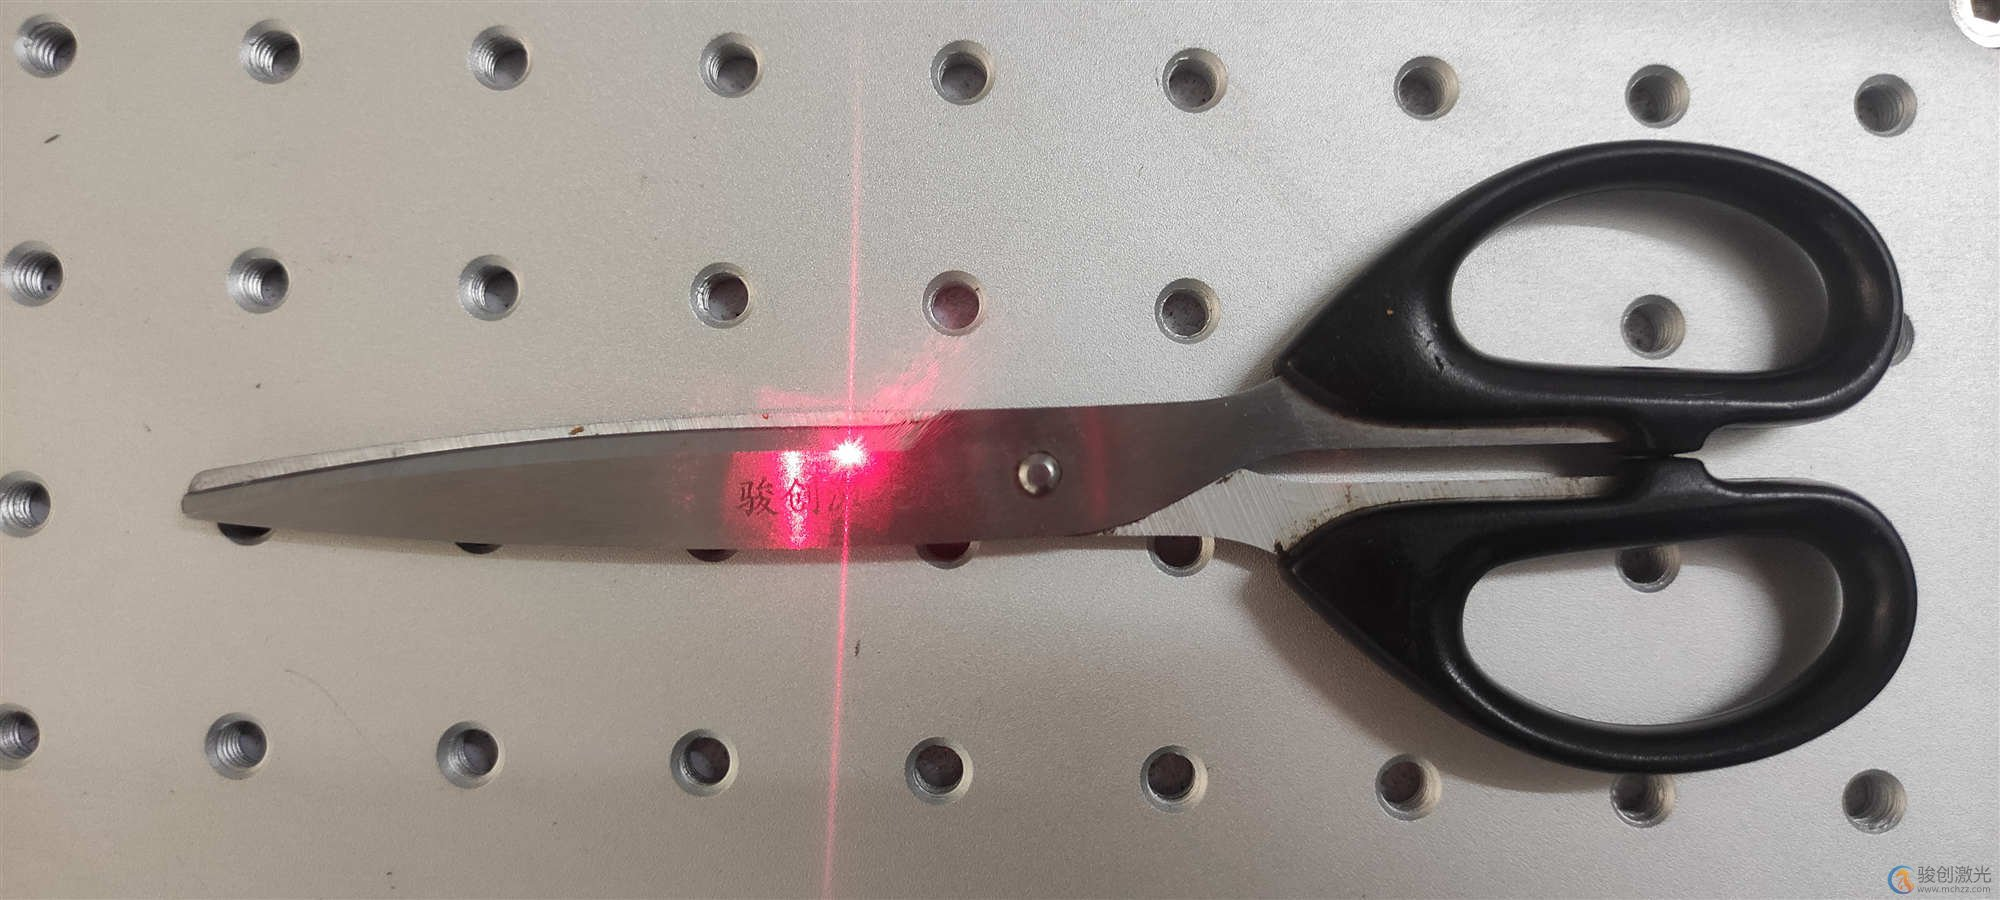 光纤激光打标机在金属材质上打黑教程